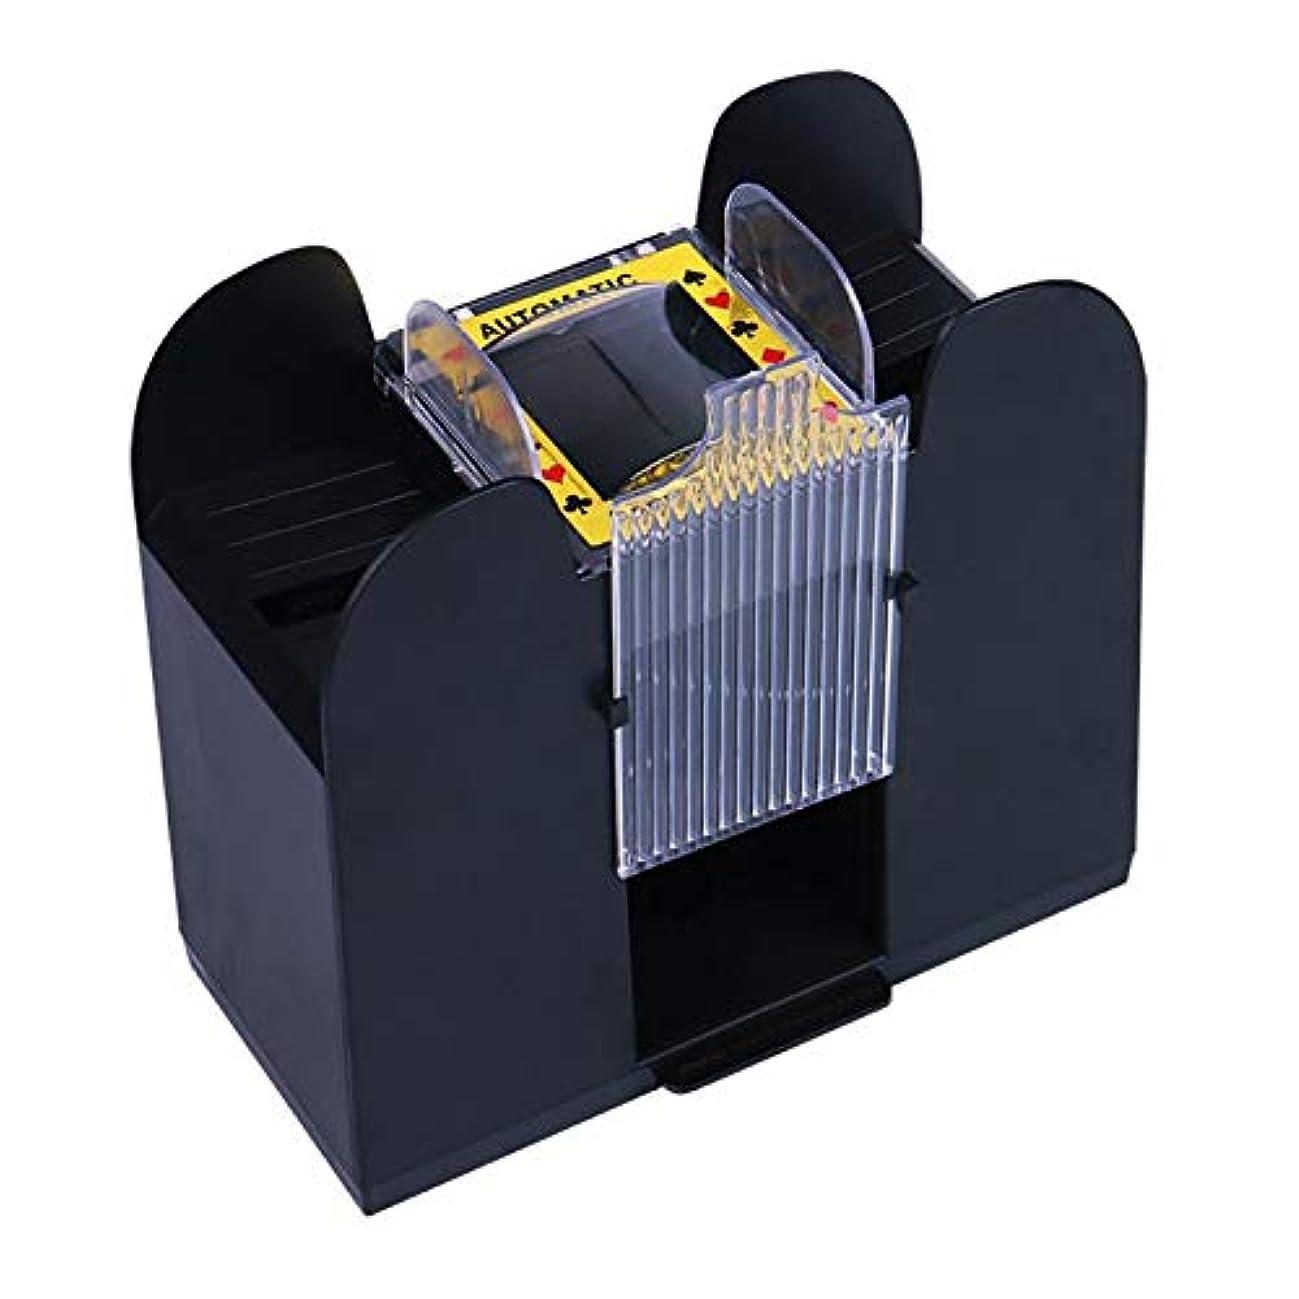 グラディス白鳥文法Monland ポーカーカードや自動カードのシャッフル、電気ボード ゲームカードのシャッフル装置、カードの六つのデッキは秒単位でシャッフルします